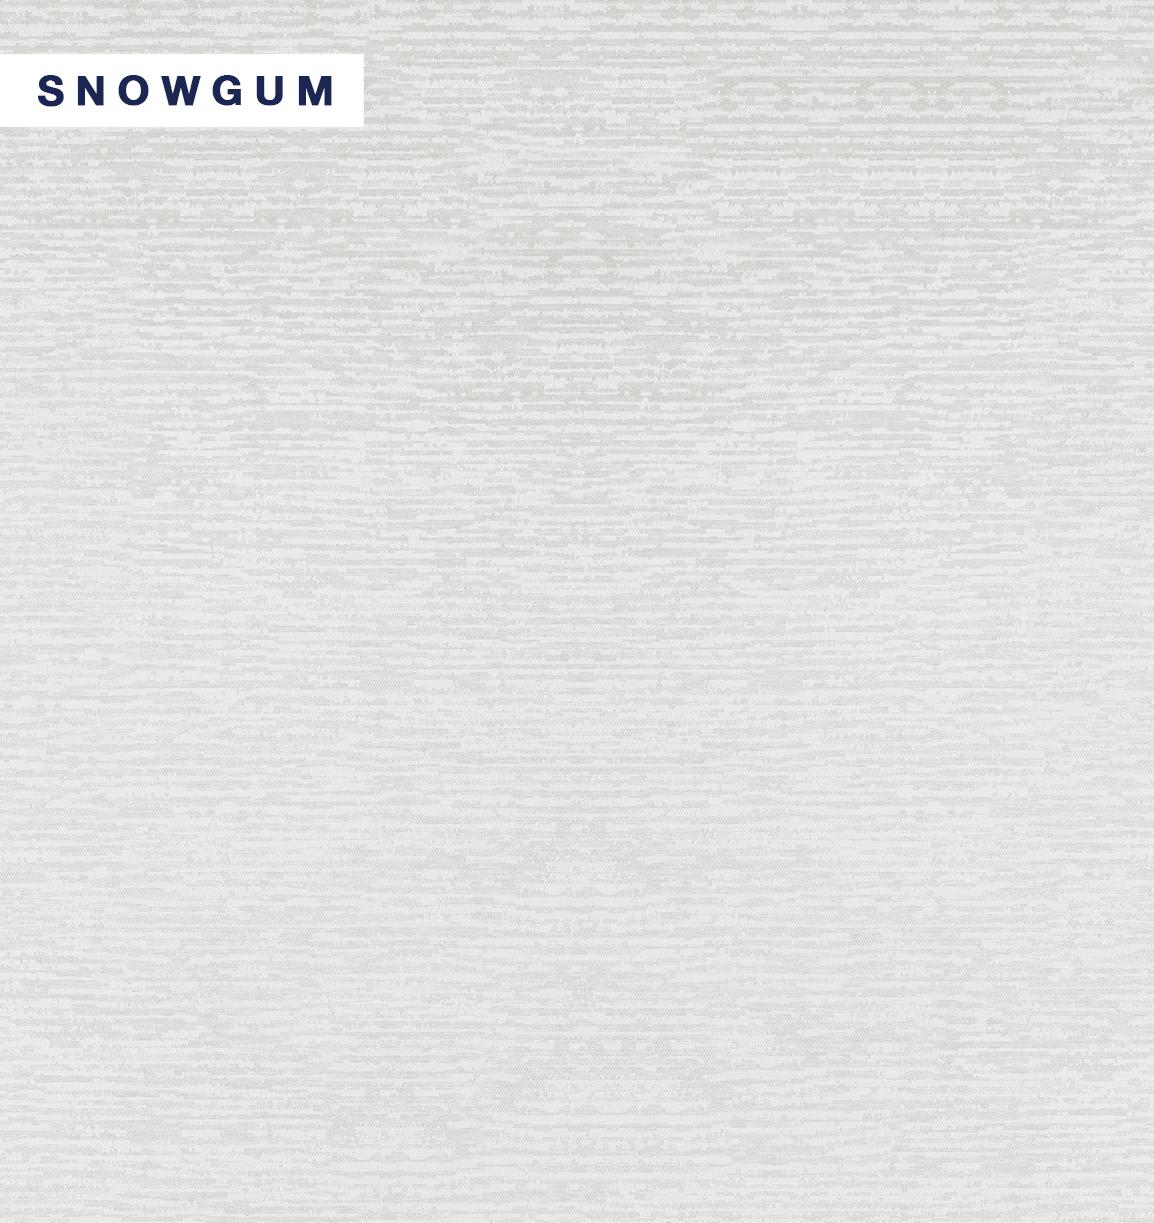 Fraser - Snowgum.jpg